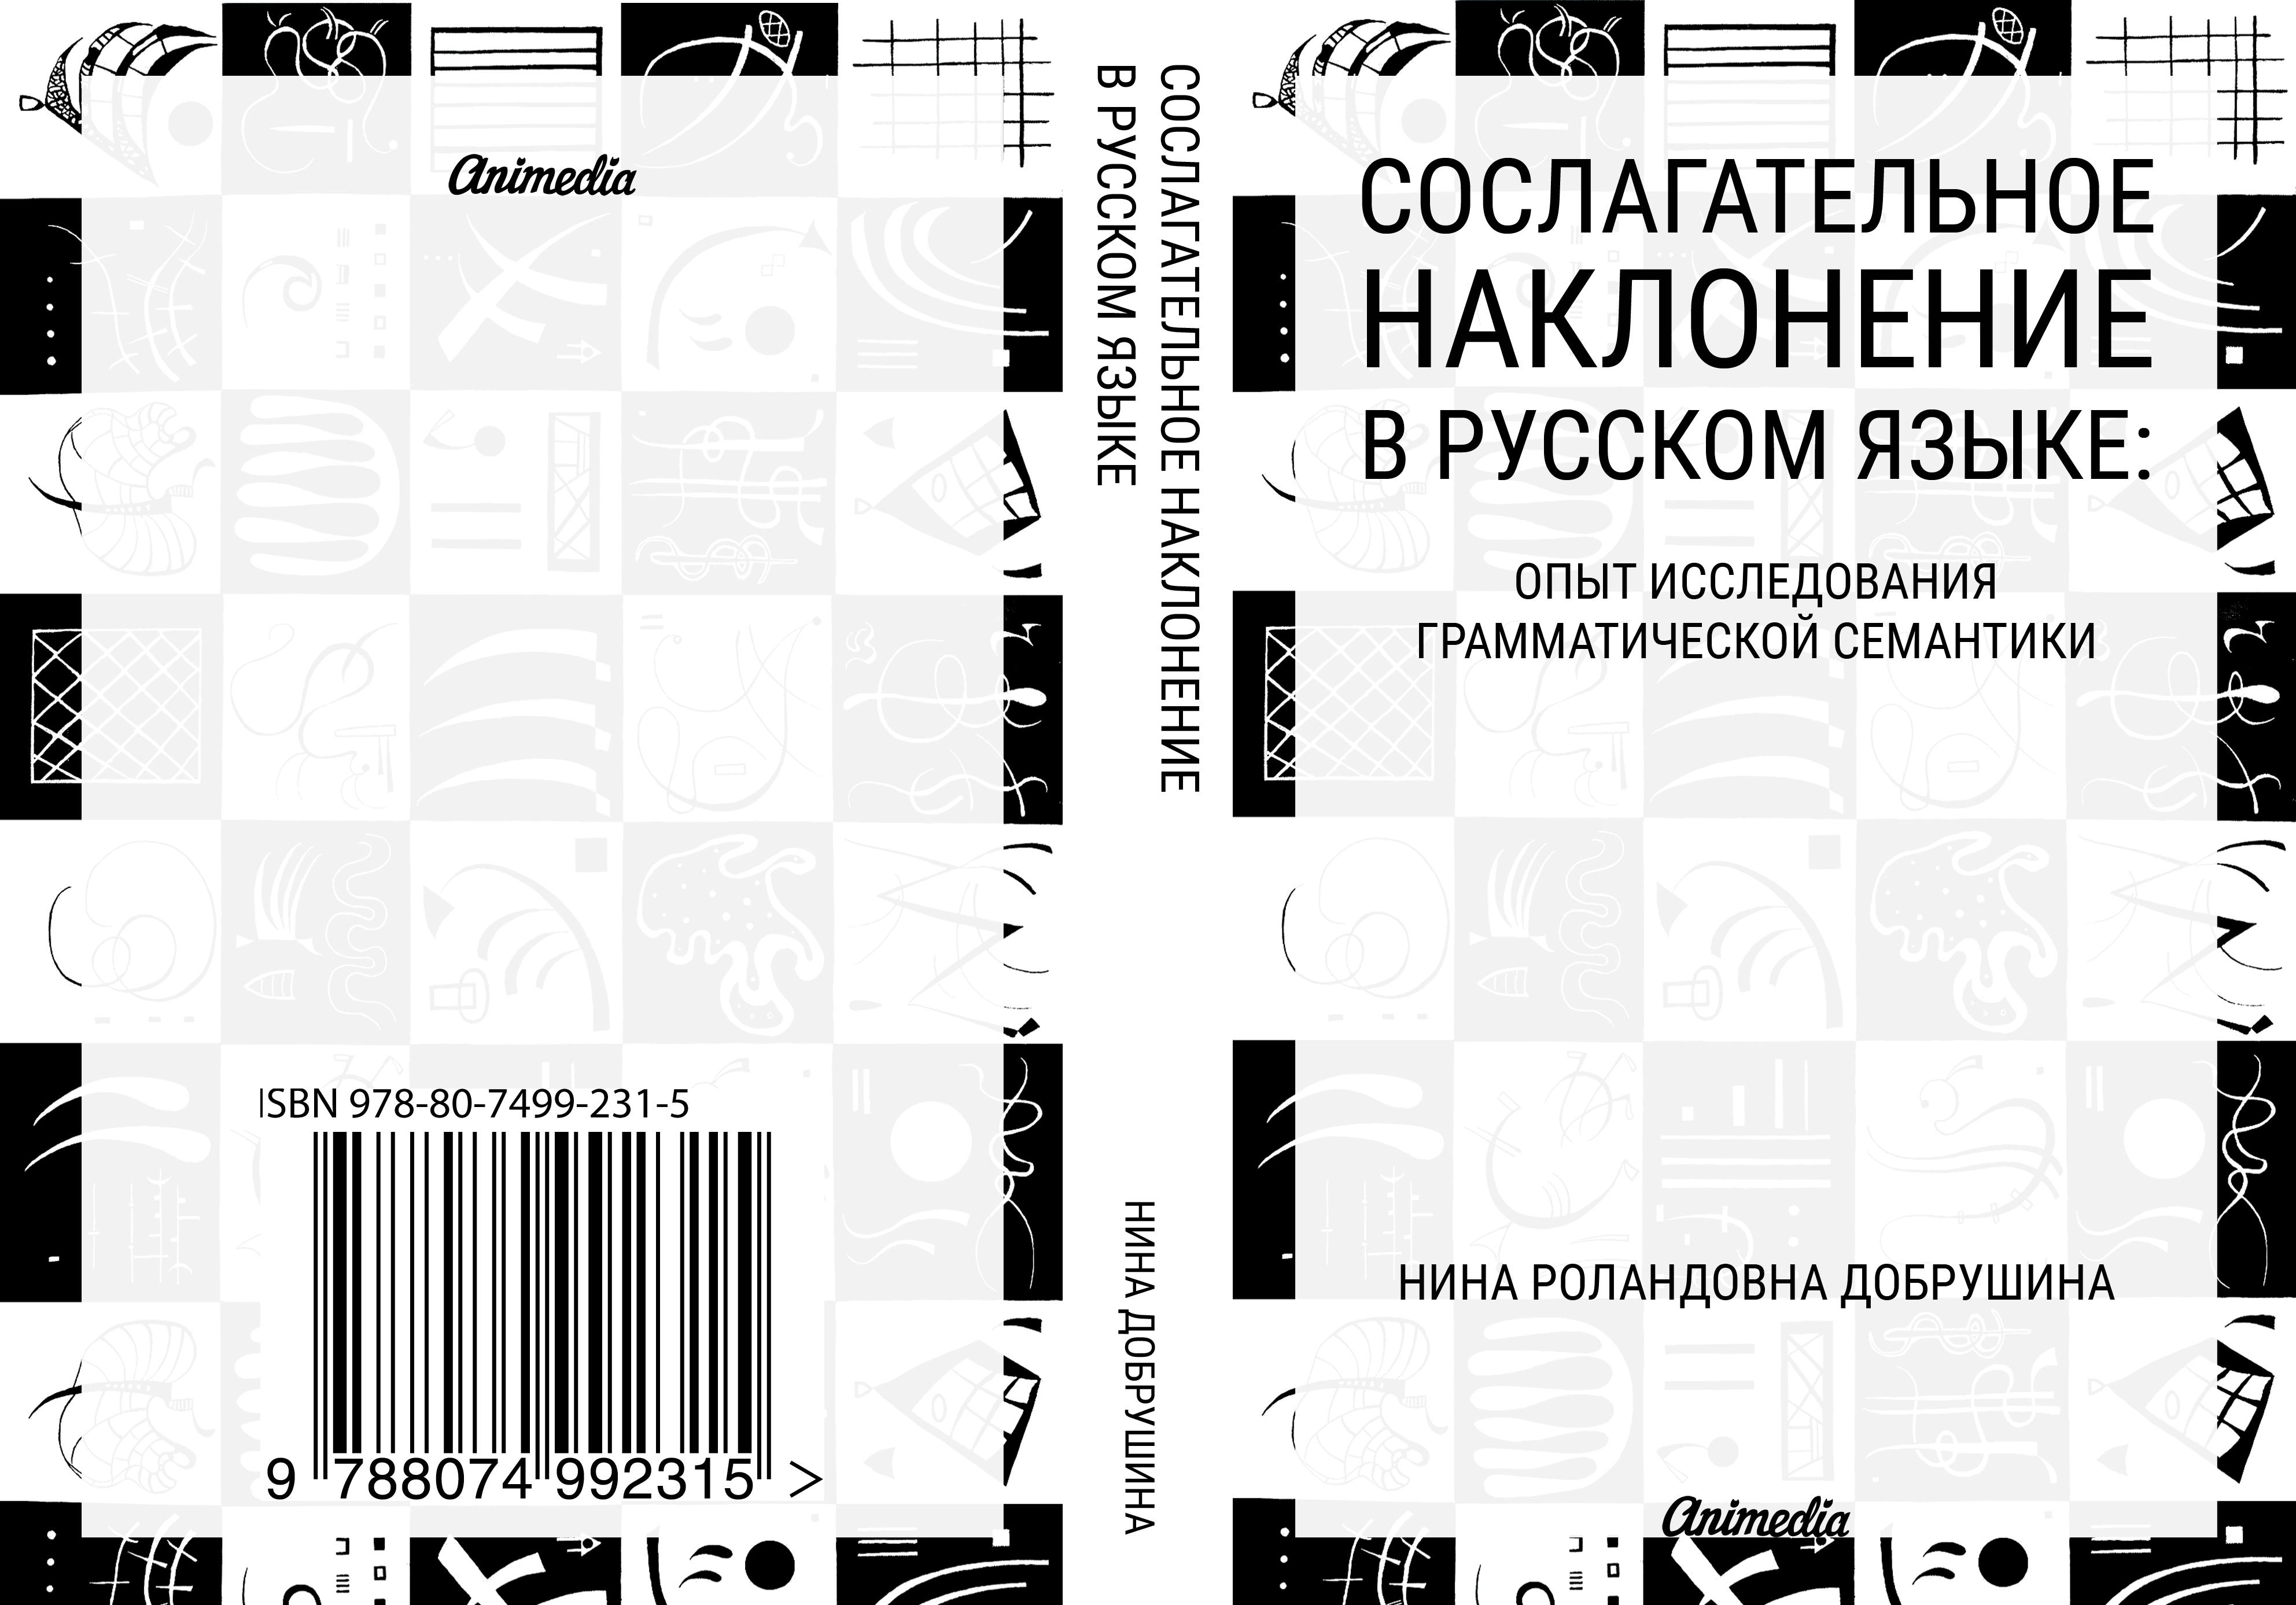 Сослагательное наклонение в русском языке: опыт исследования грамматической семантики